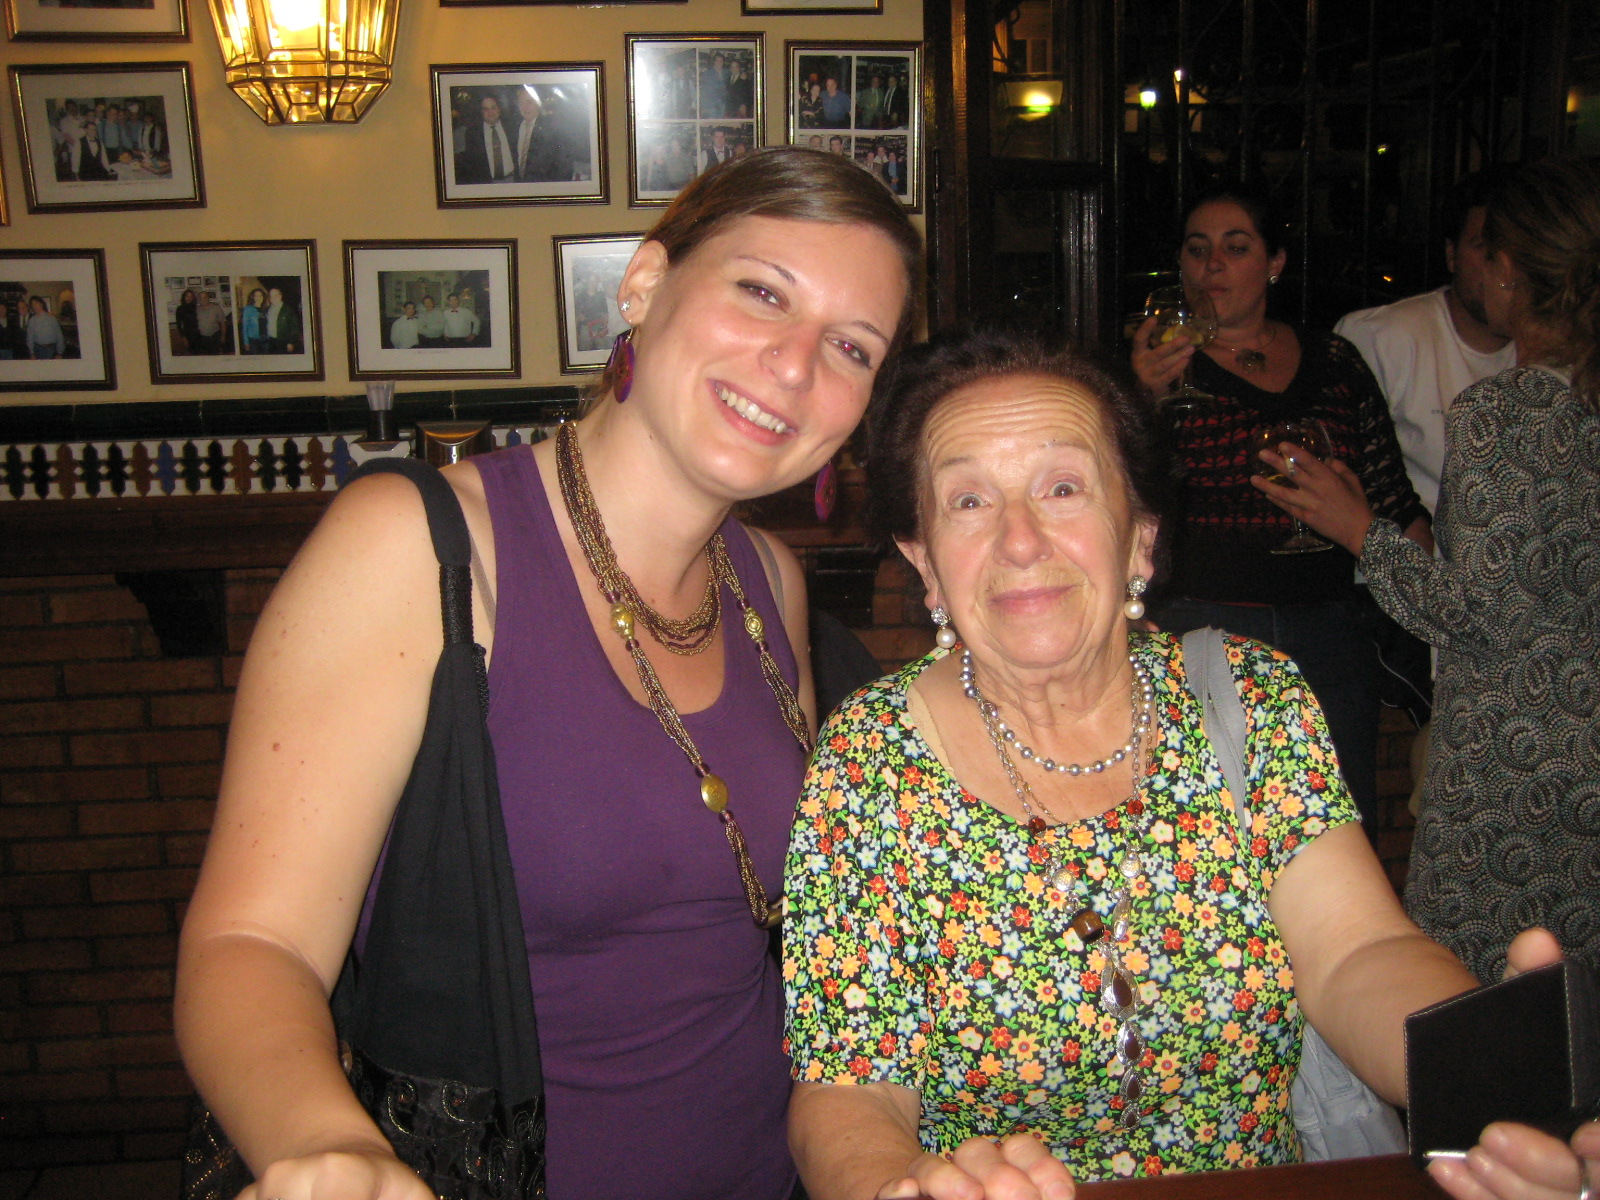 Maria y yo despues de algunas copas de vino tinto (claro, no?)